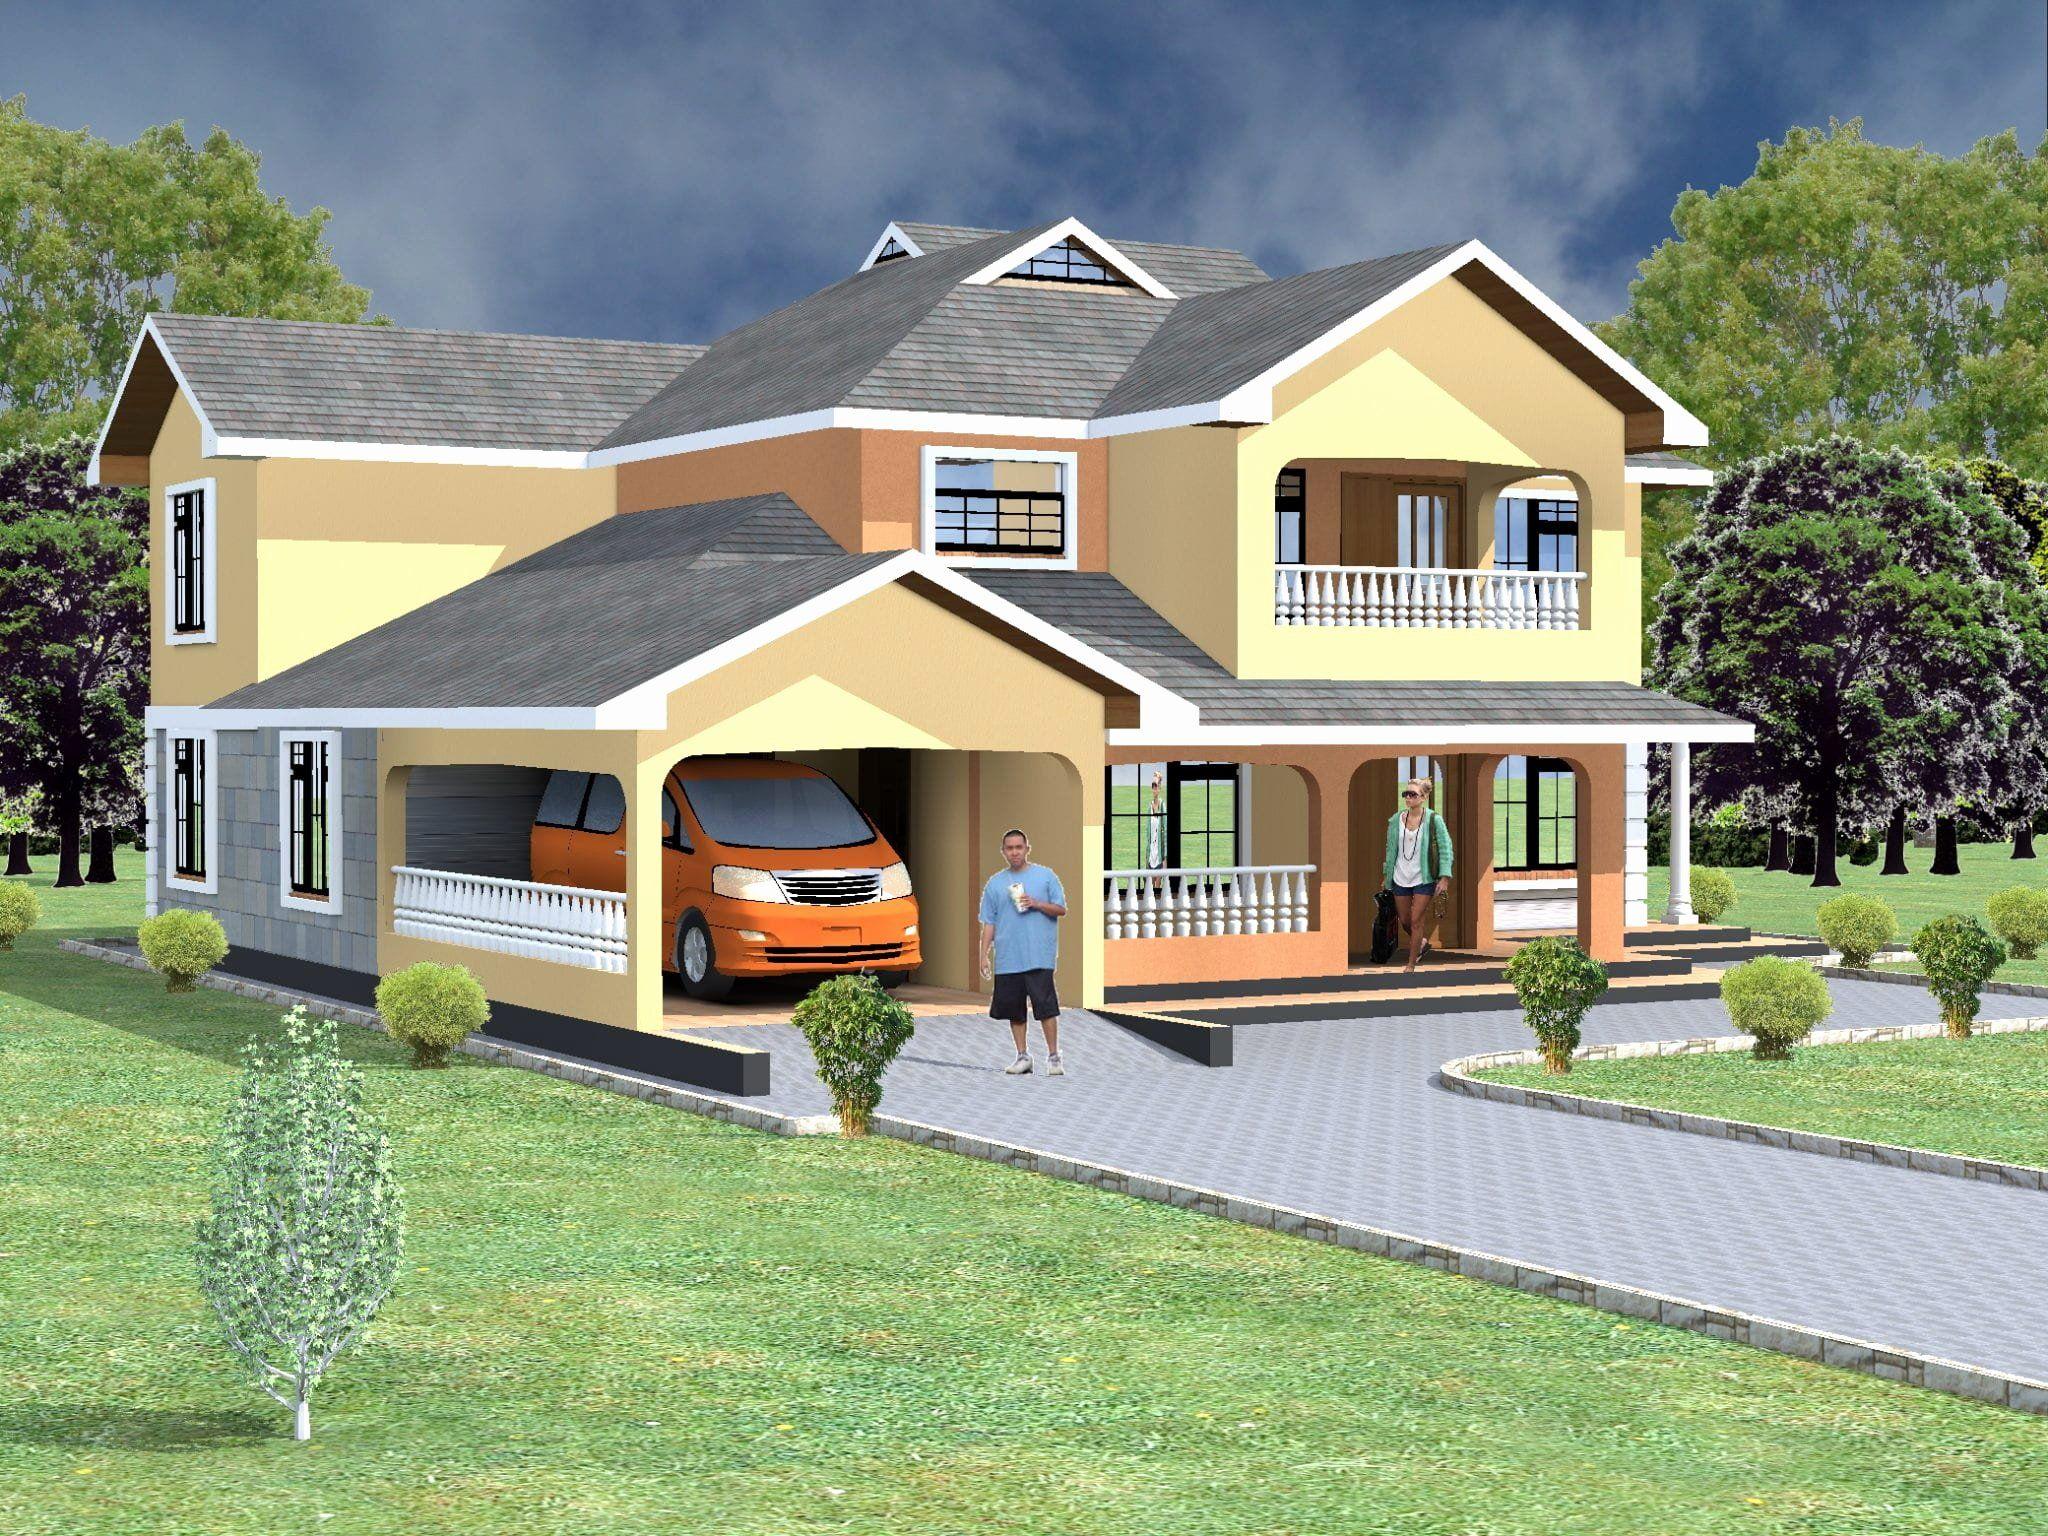 House Plans 4 Bedroom Elegant Maisonette House Plans 4 Bedroom In Kenya In 2020 House House Plans Simple House Plans